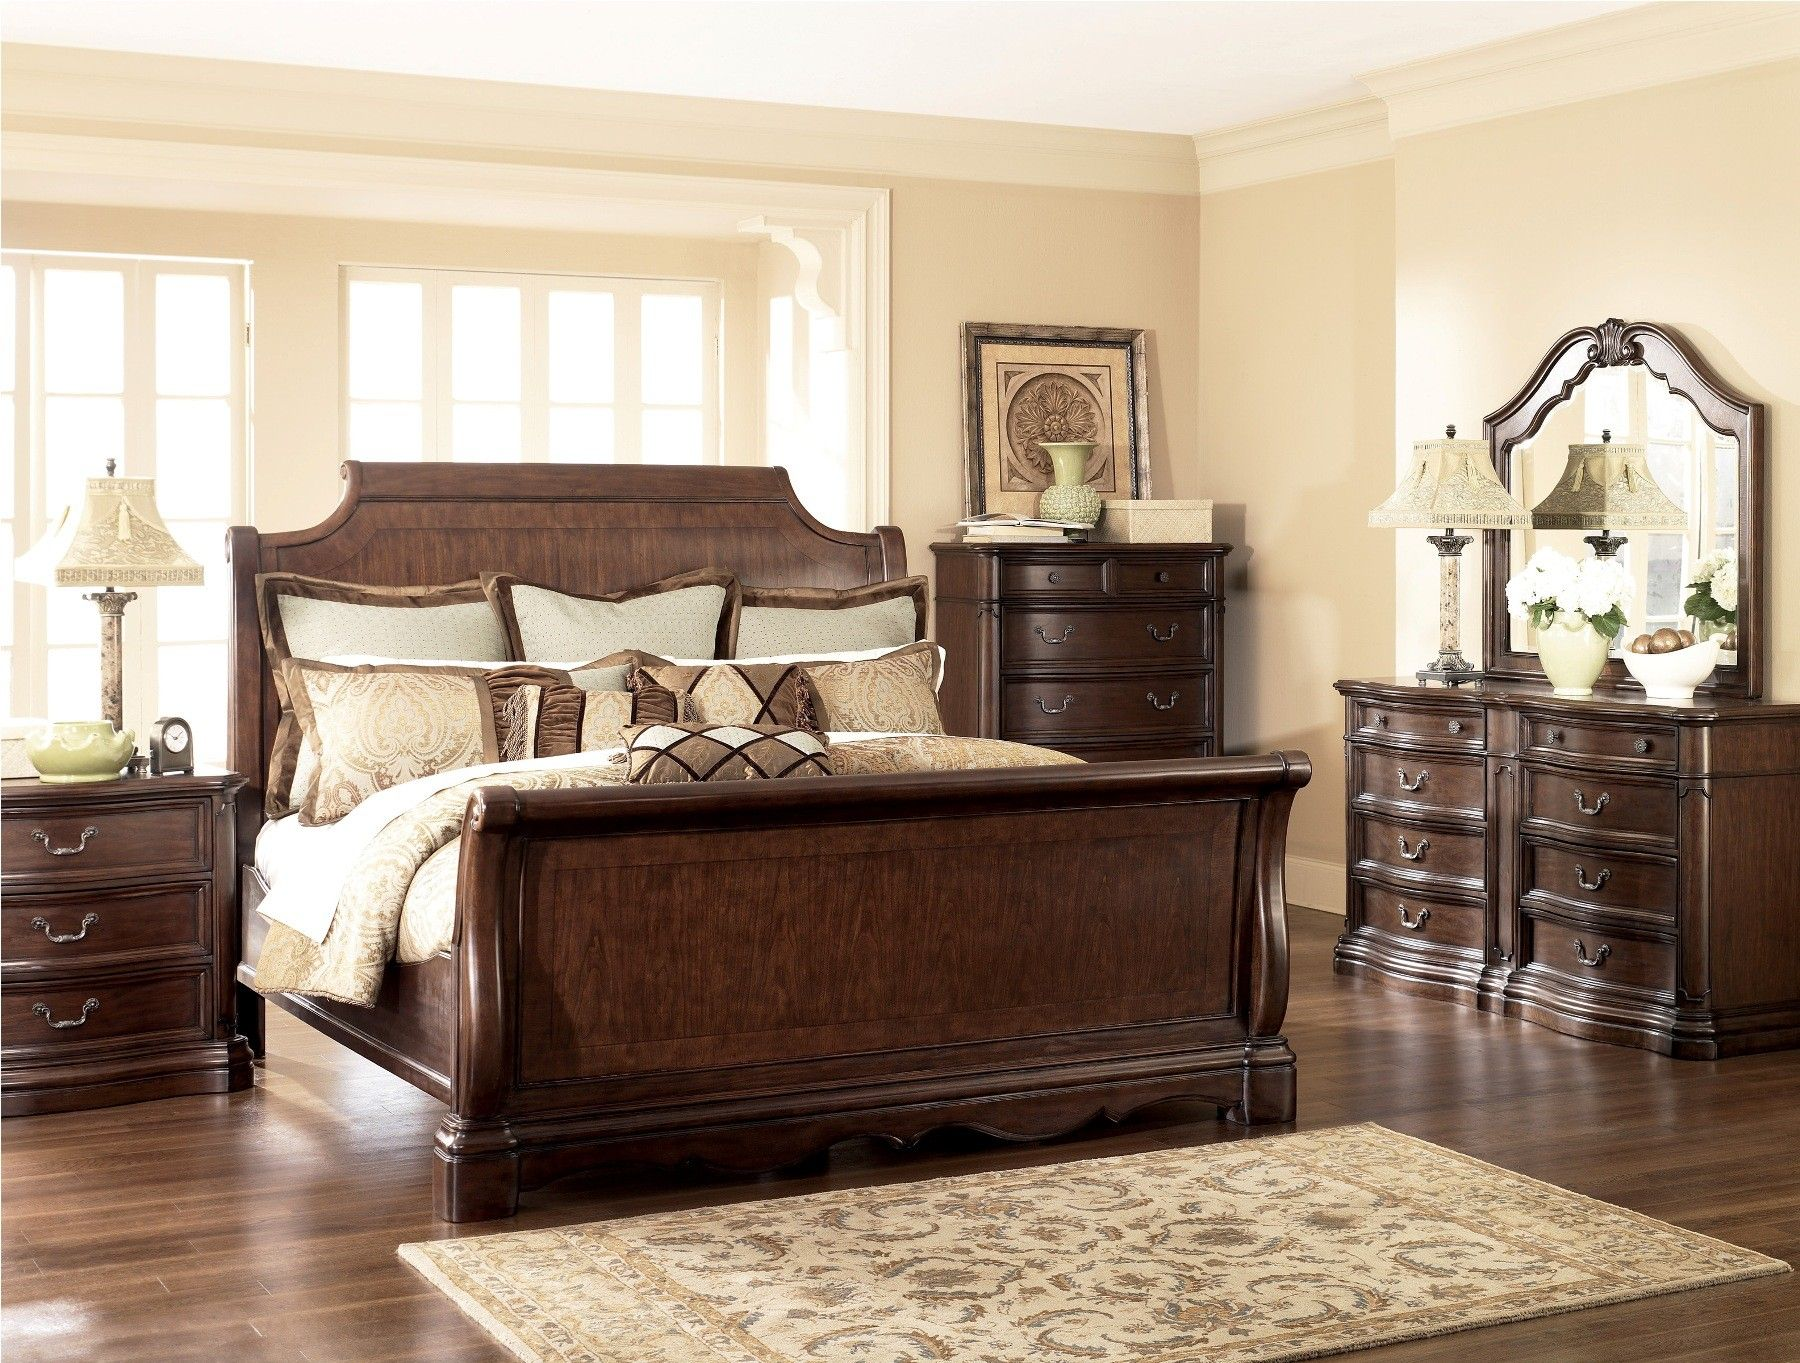 Image for Best Ashley Furniture Bedroom Sets